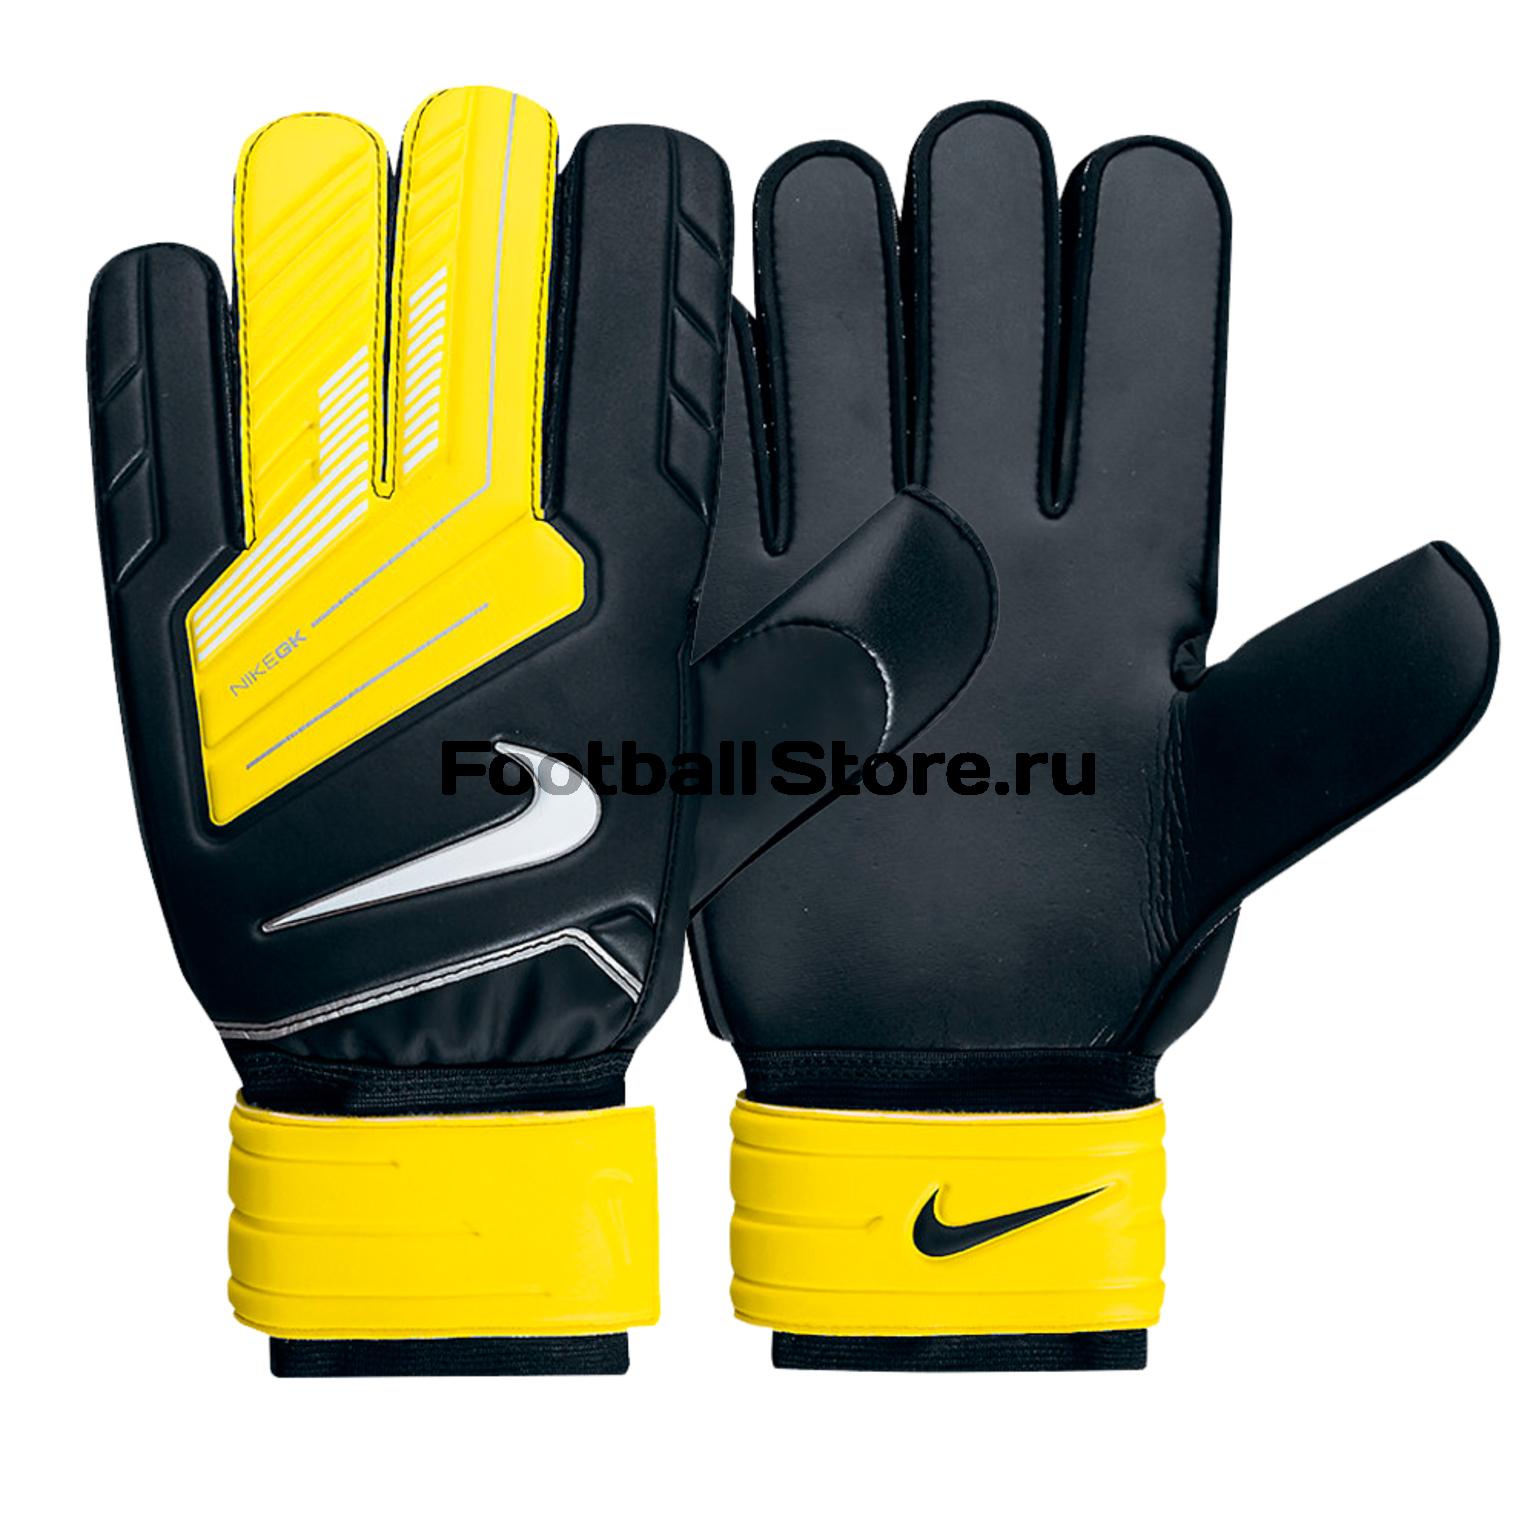 Перчатки Nike Перчатки вратарские Nike GK Sentry GS0256-071